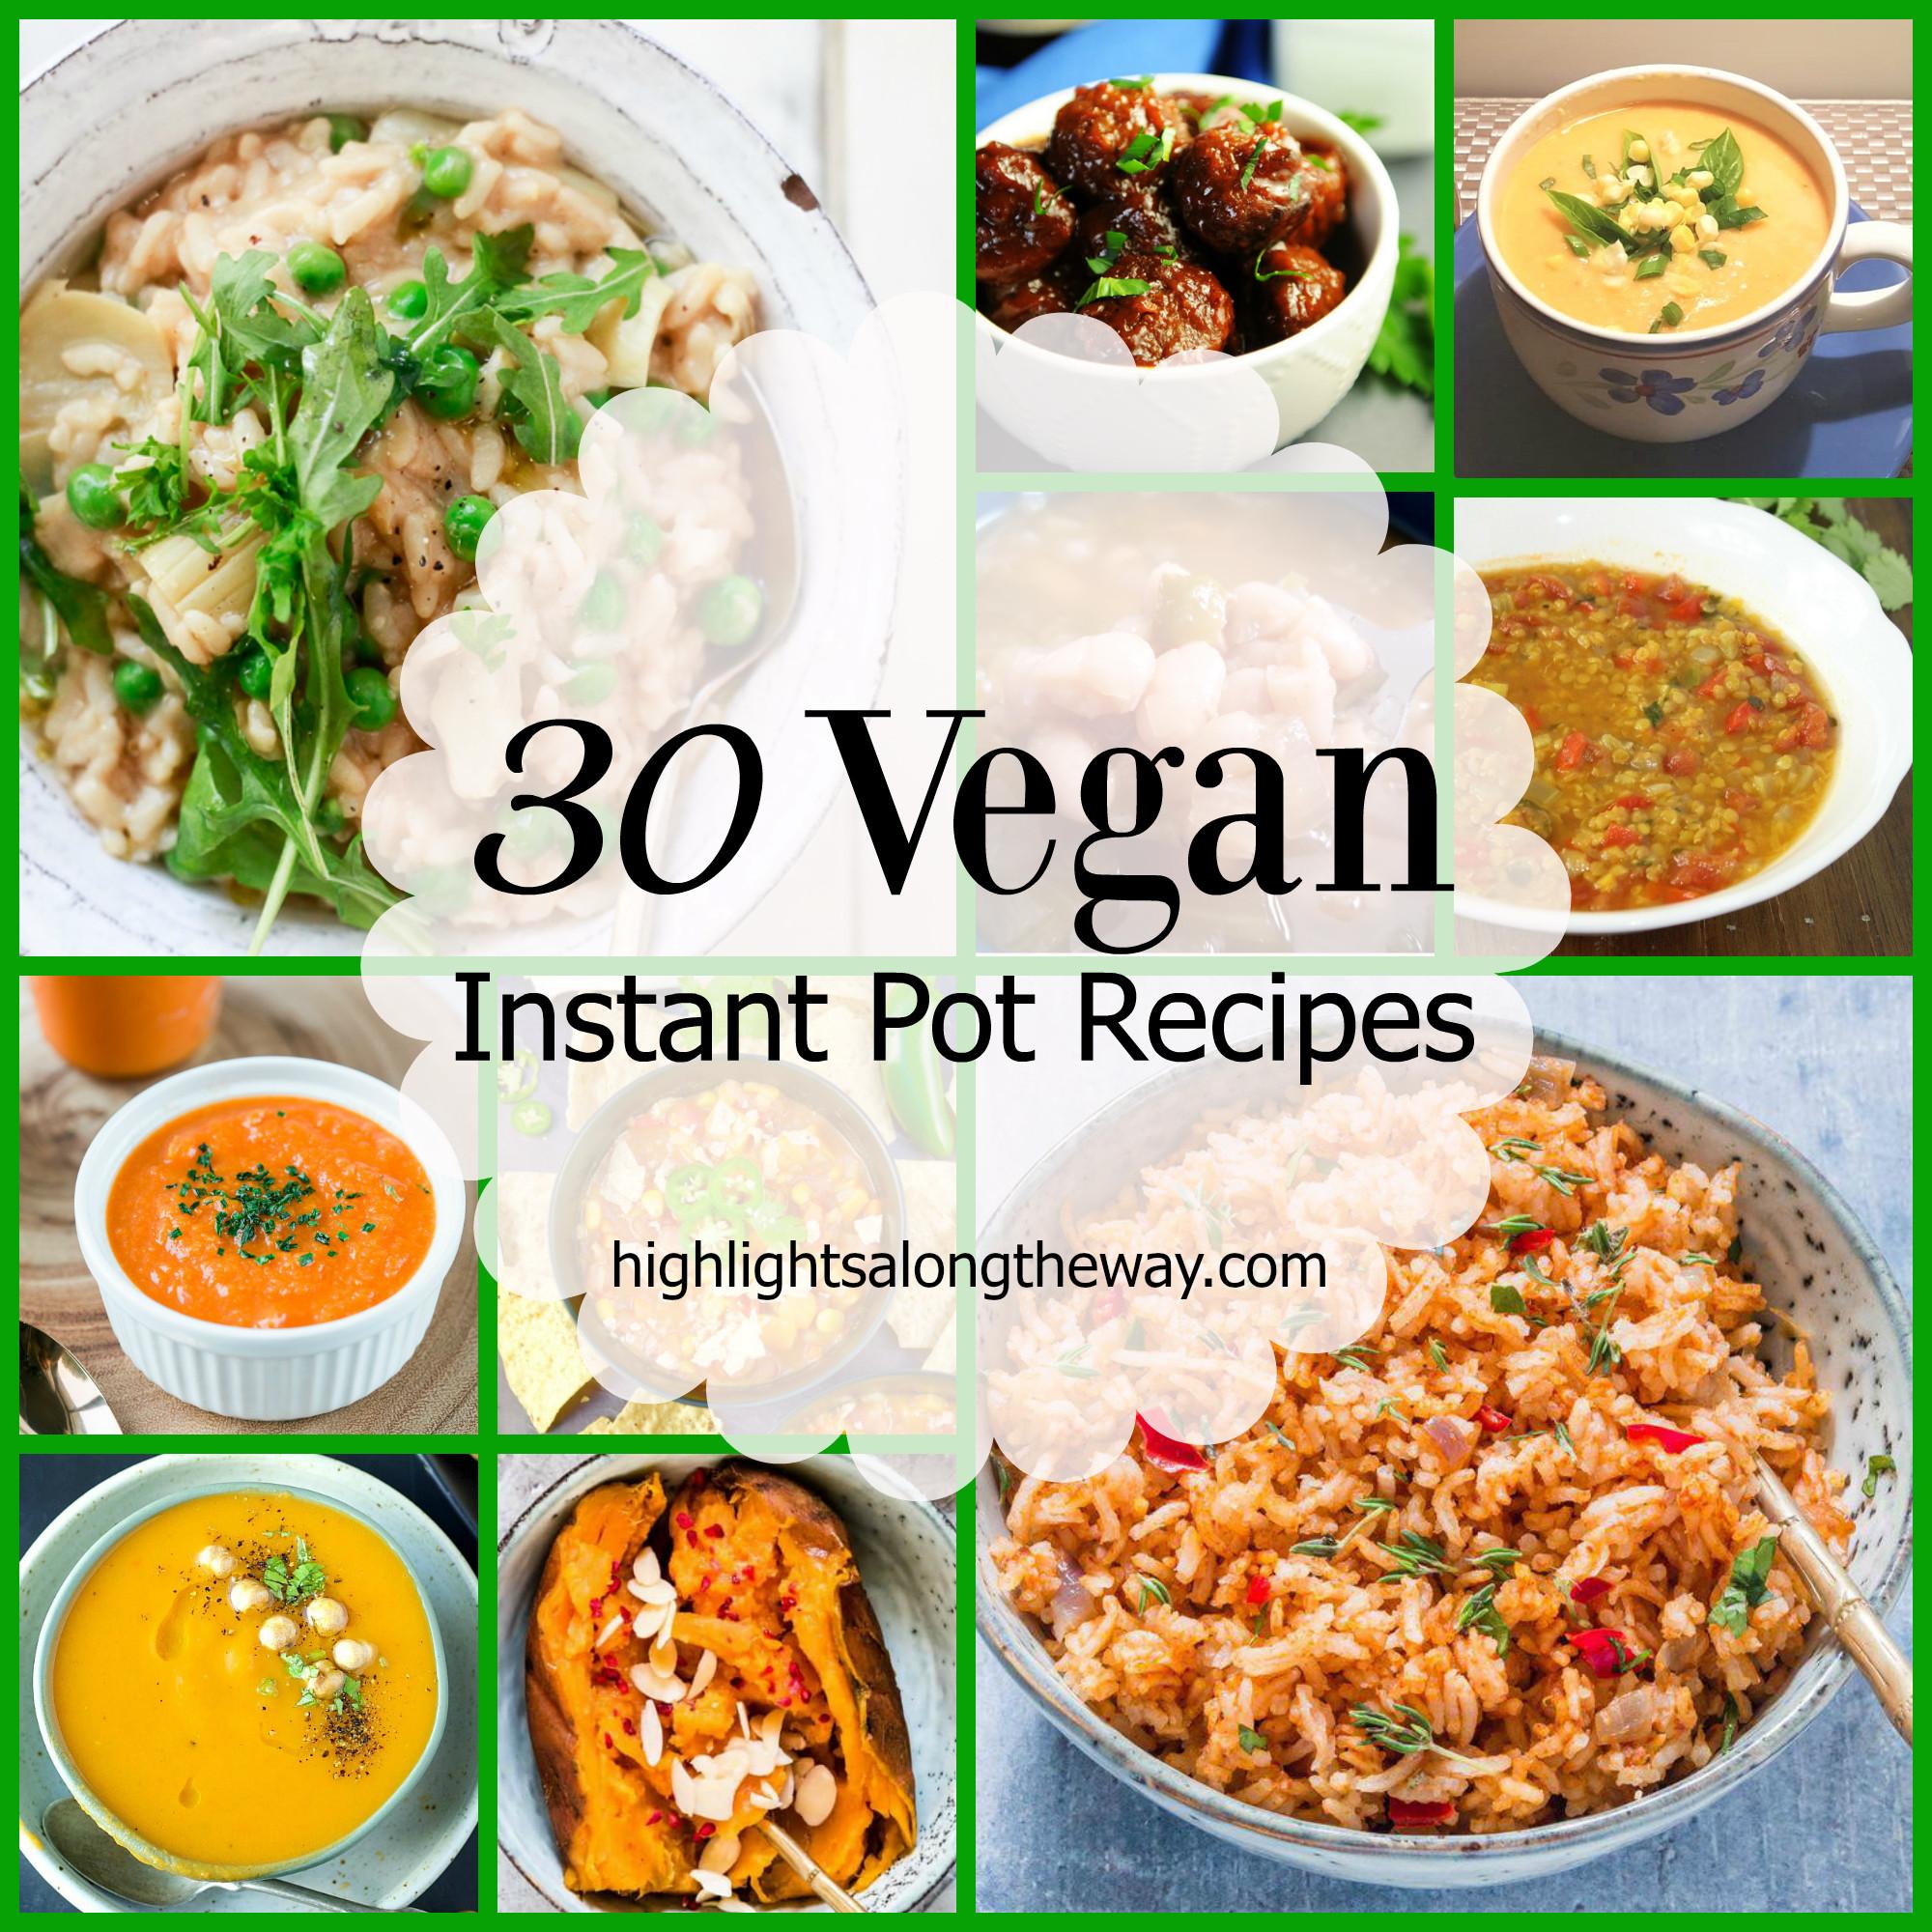 Vegan Instant Pot Recipes  Easy Vegan Instant Pot recipes Plant based recipes for